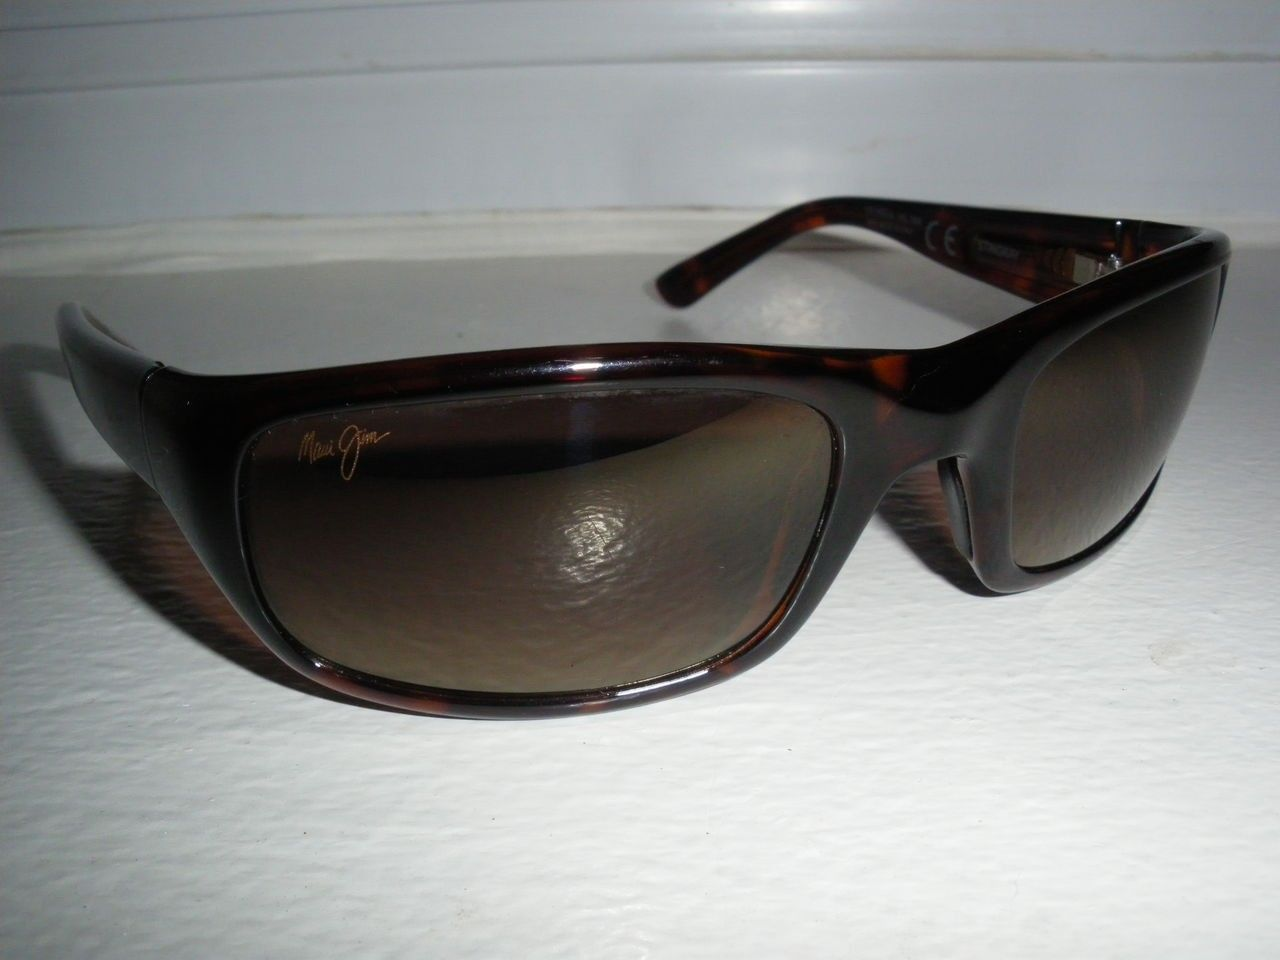 Oakley Twenty XX Thrift Store Find - IMGP8282.jpg